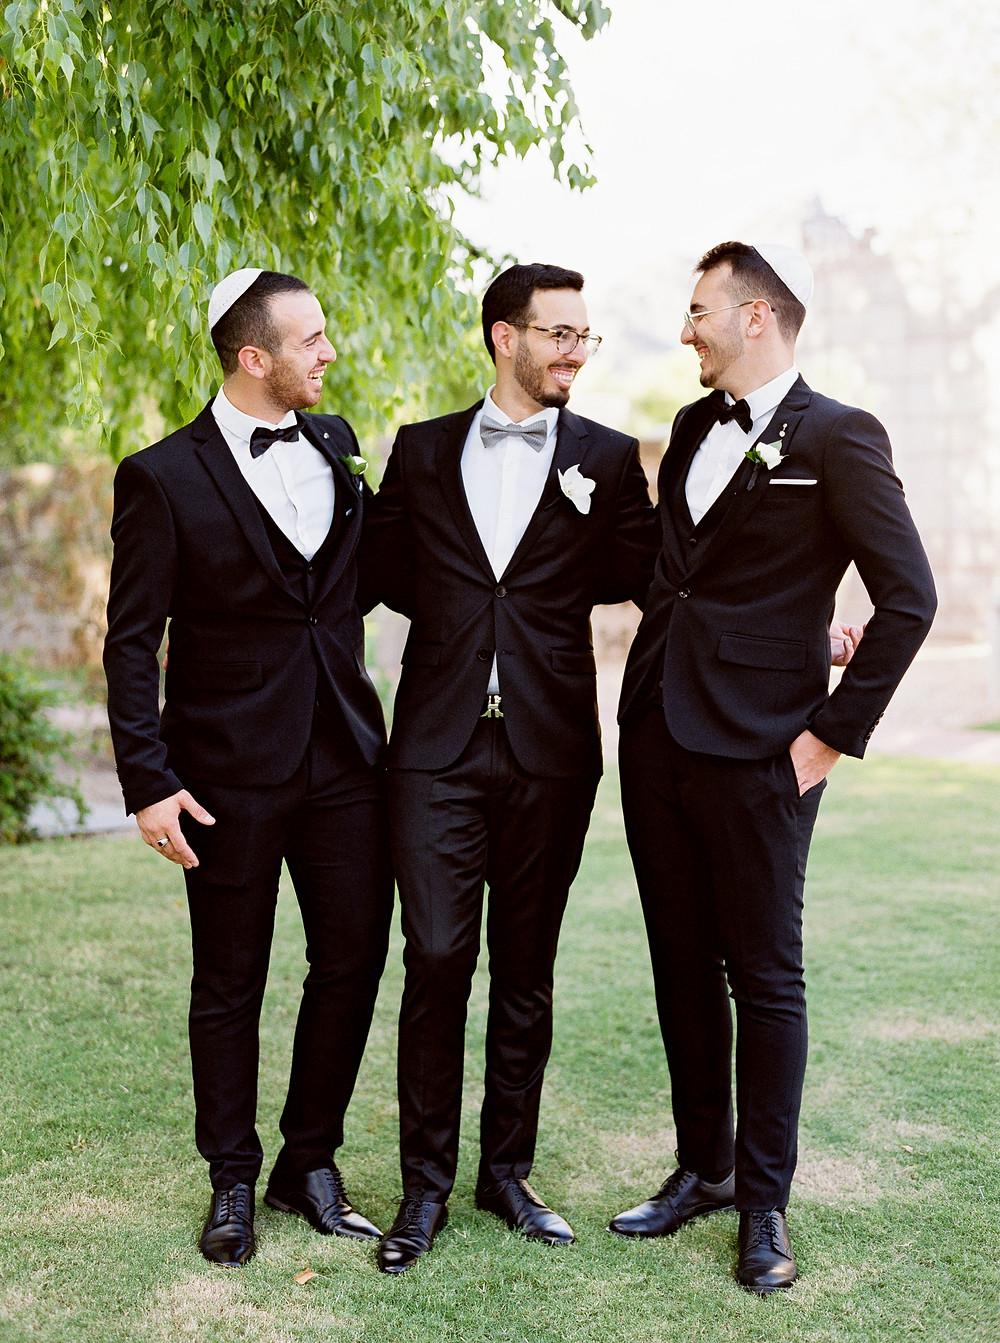 Arizona Biltmore Classic White Wedding, Groomsmen